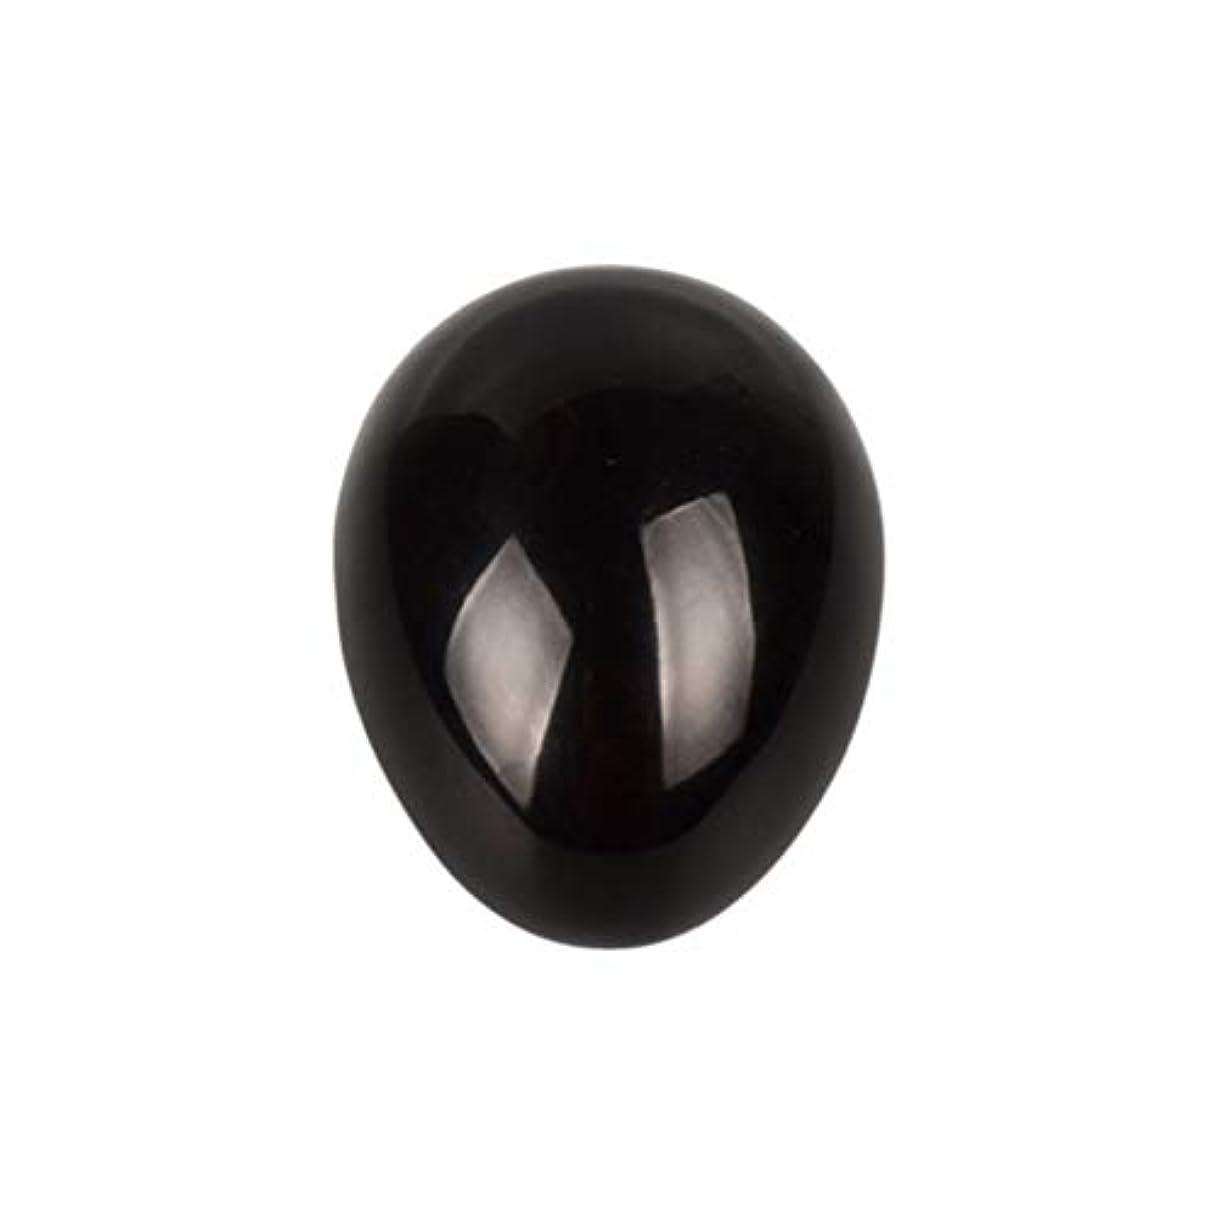 商標薄い知り合いになるSUPVOX 45×30×30ミリメートルのバランスをとる瞑想チャクラを癒すための黒曜石宝石用原石の卵球